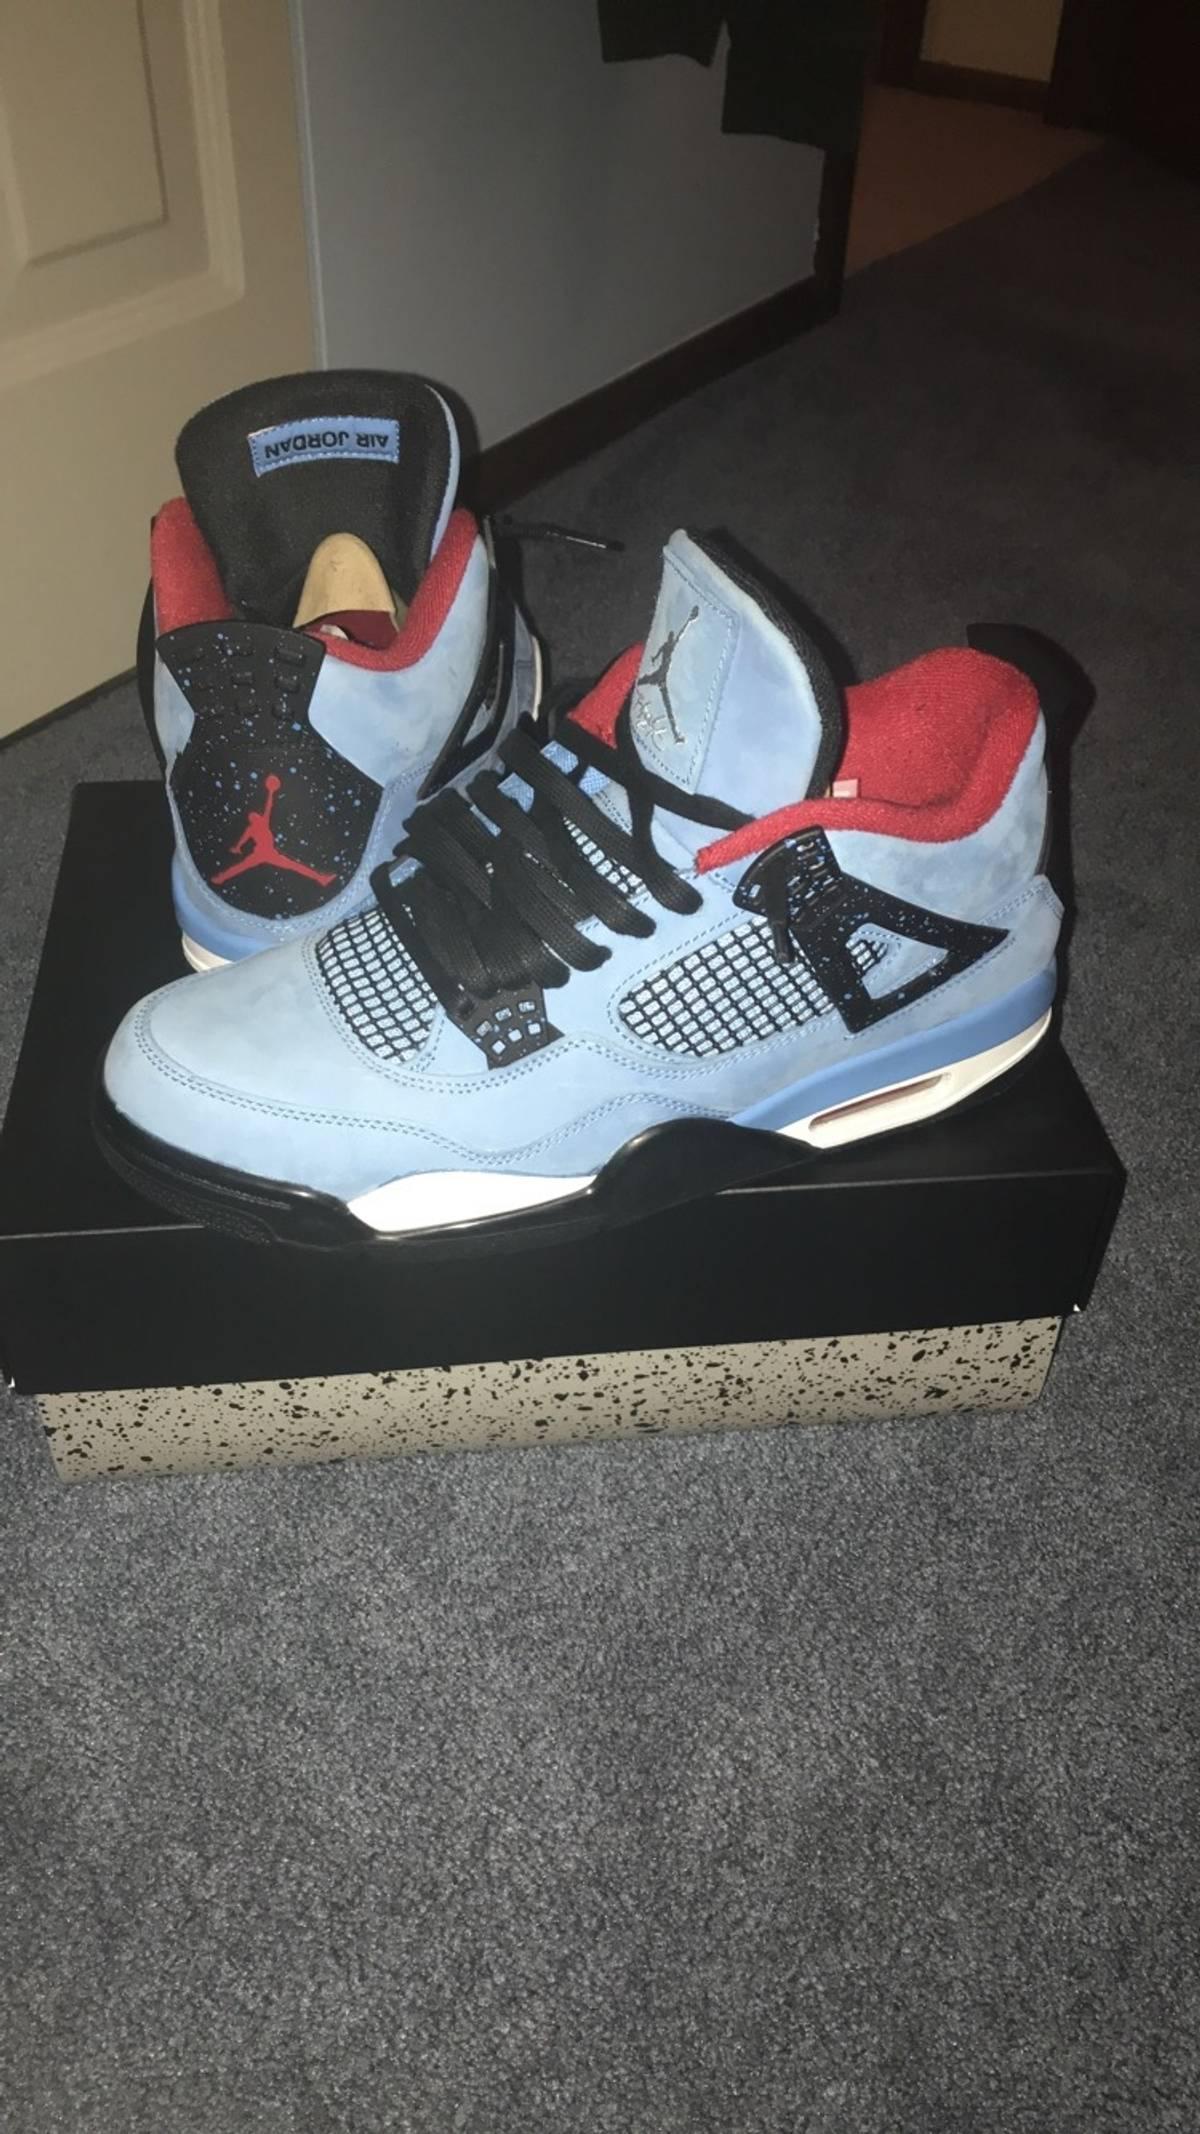 on sale 00a86 2d071 ... official store travis scott jordan 4 cactus jack size 10.5 hi top  sneakers for sale grailed